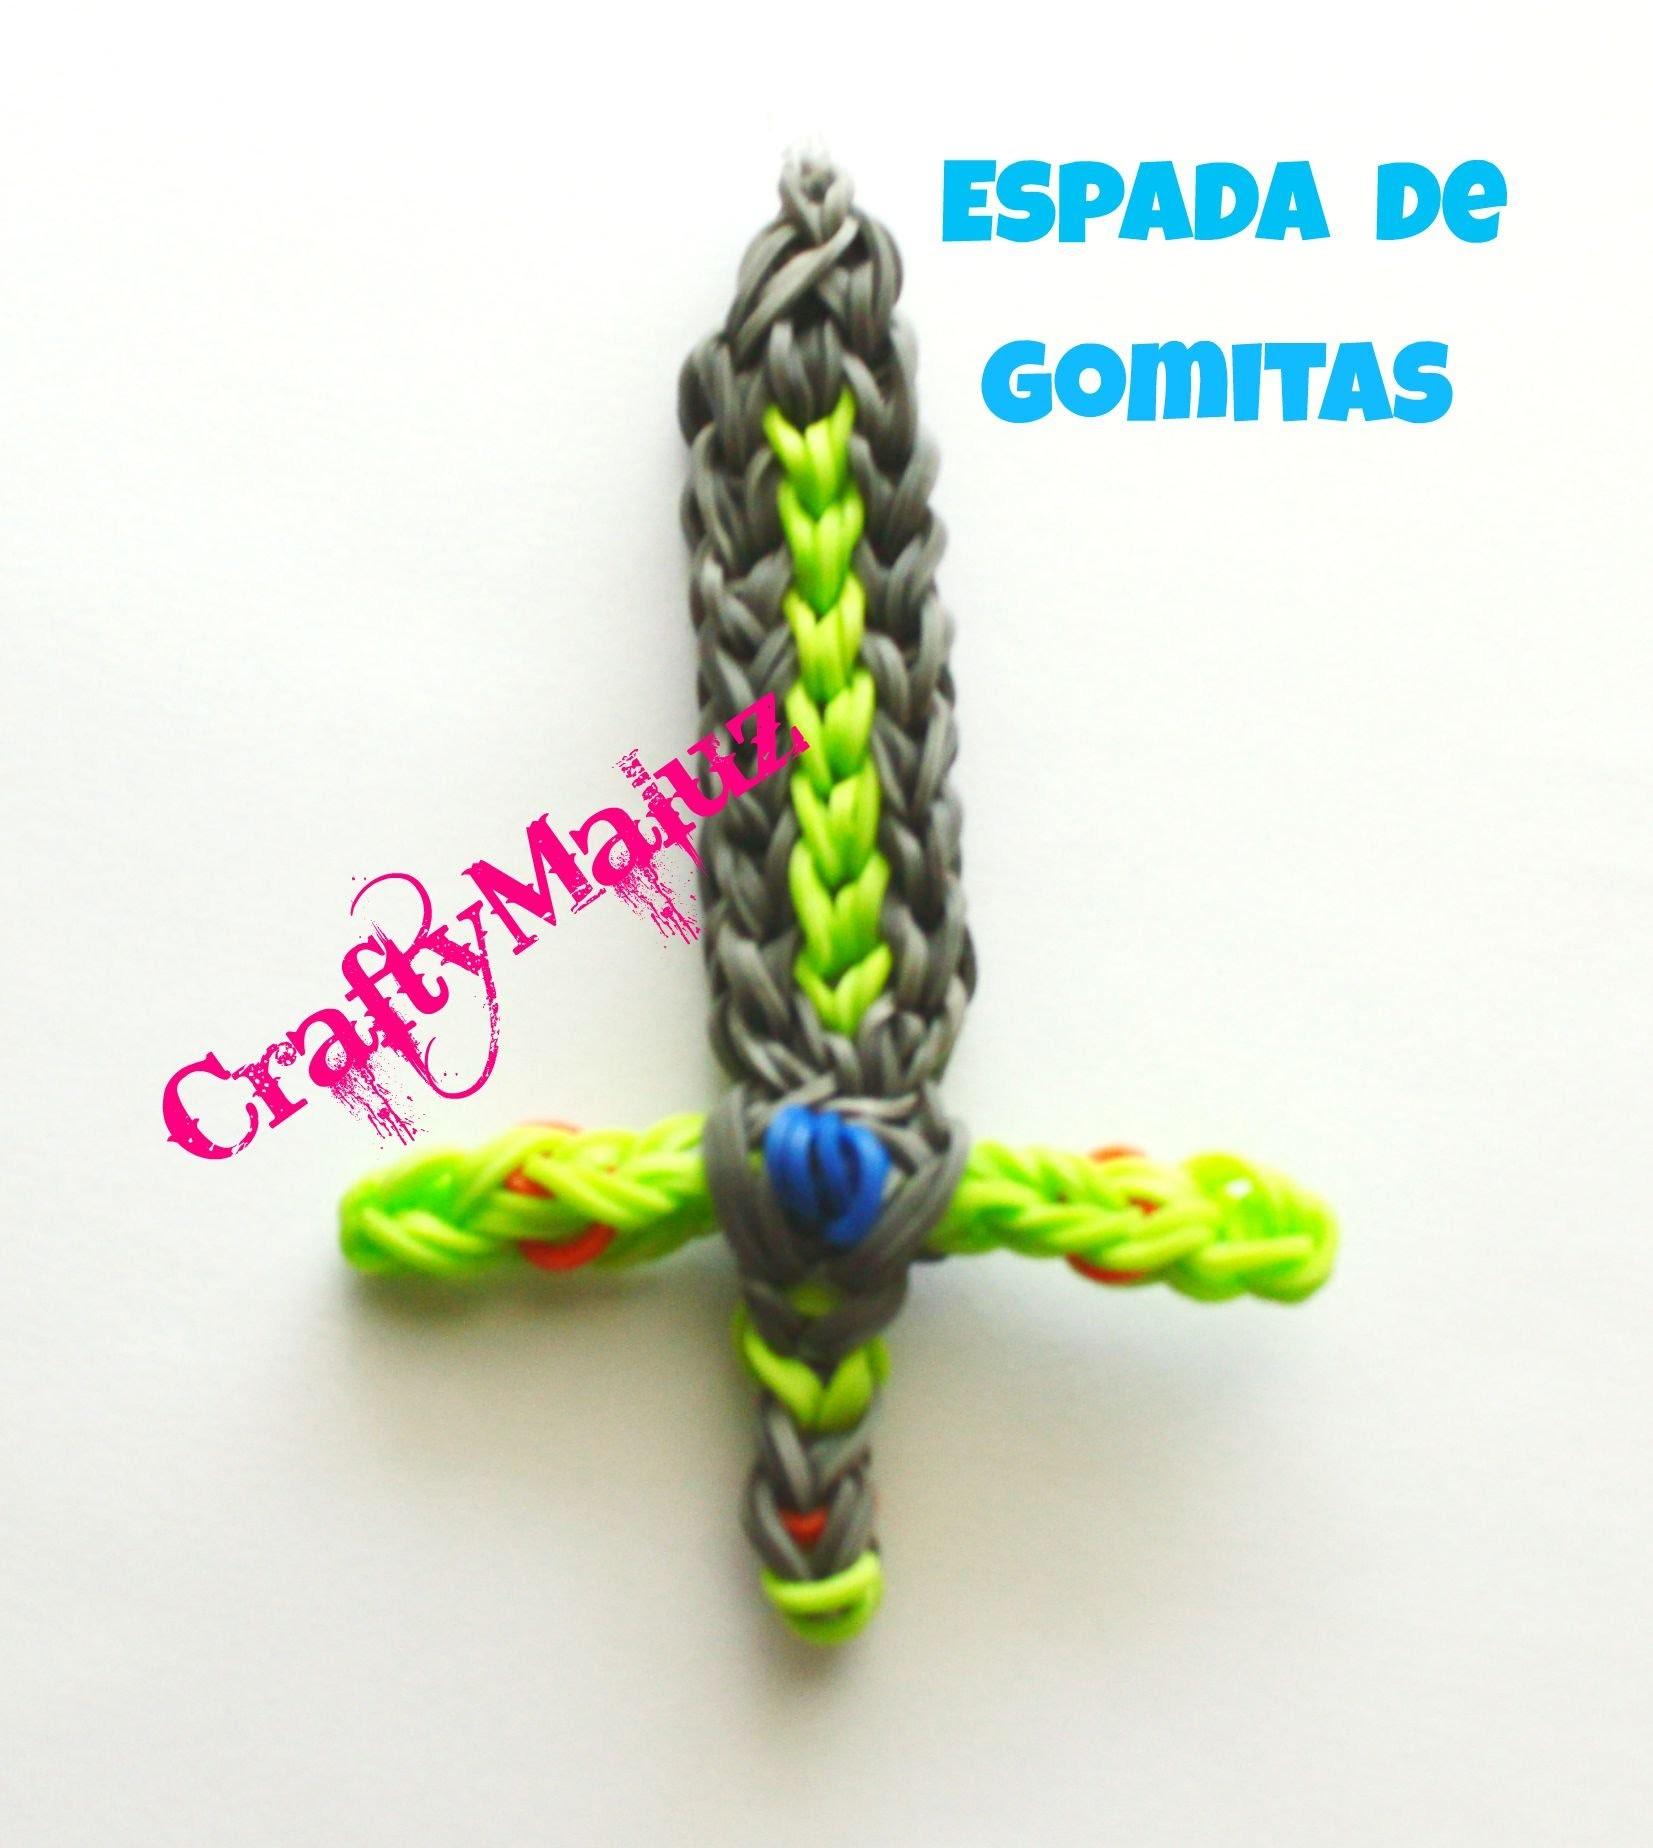 Tutoriales: Rainbow Loom Sword Charm. Espada de Gomitas con telar